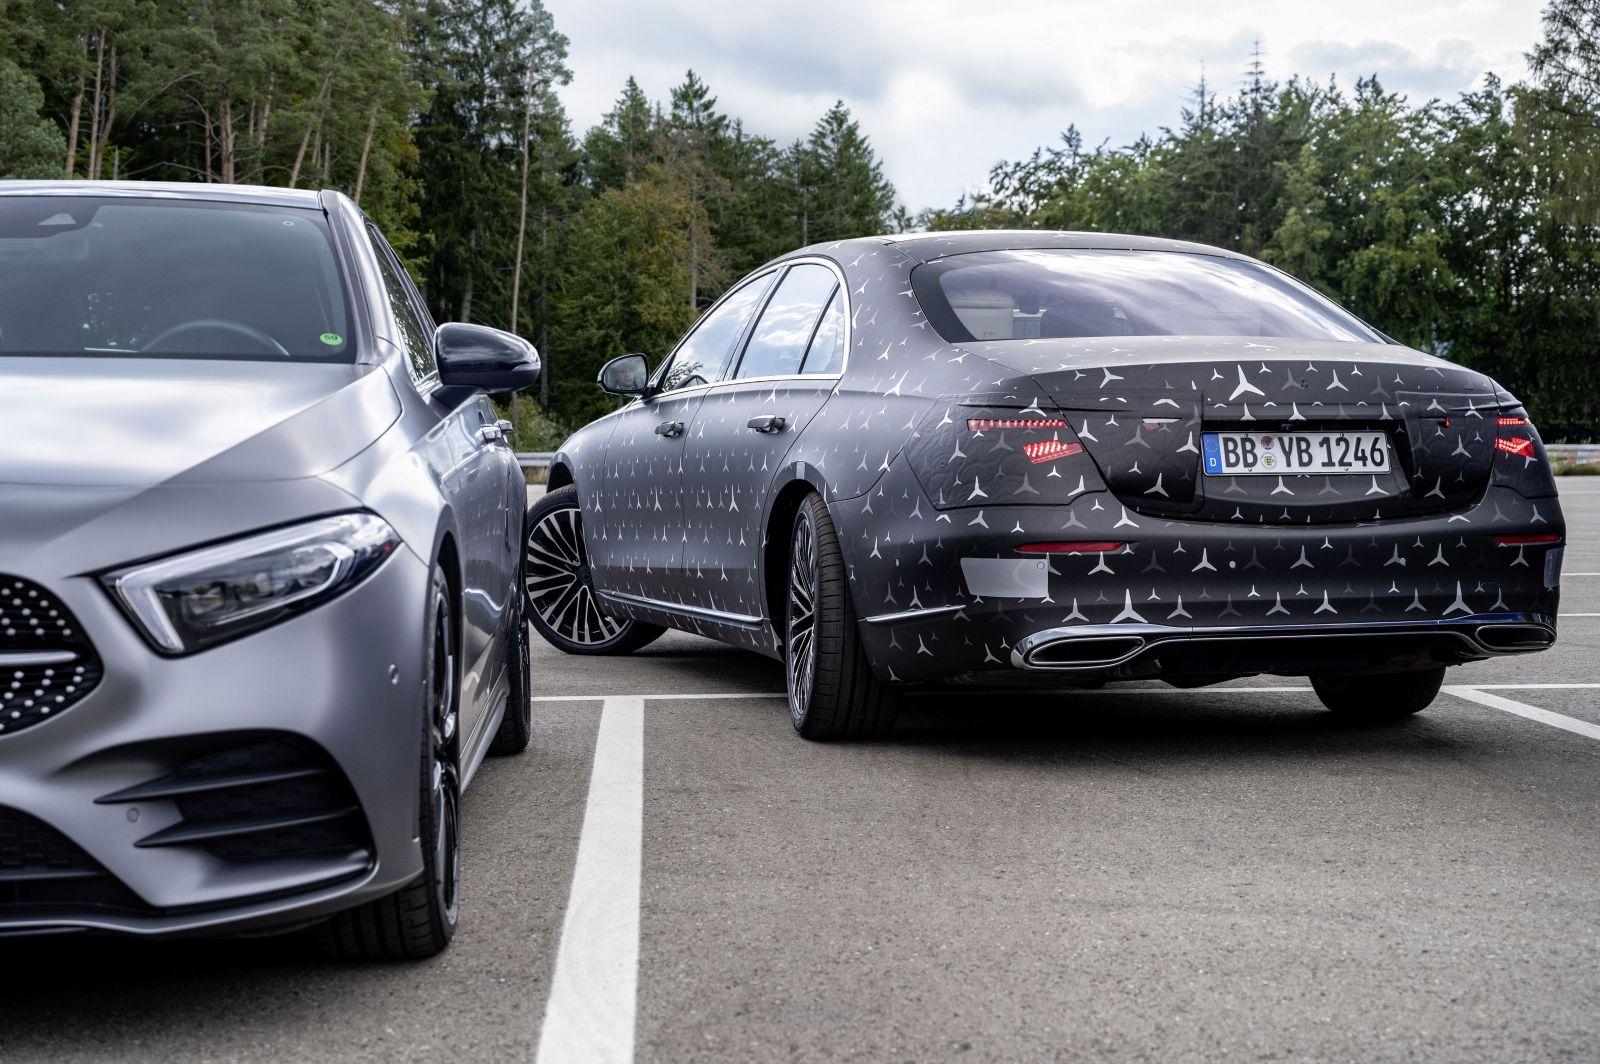 Mercedes-Benz poodhaľuje ďalšie revolučné prednosti triedy S, ktorými posunie latku opäť vyššie